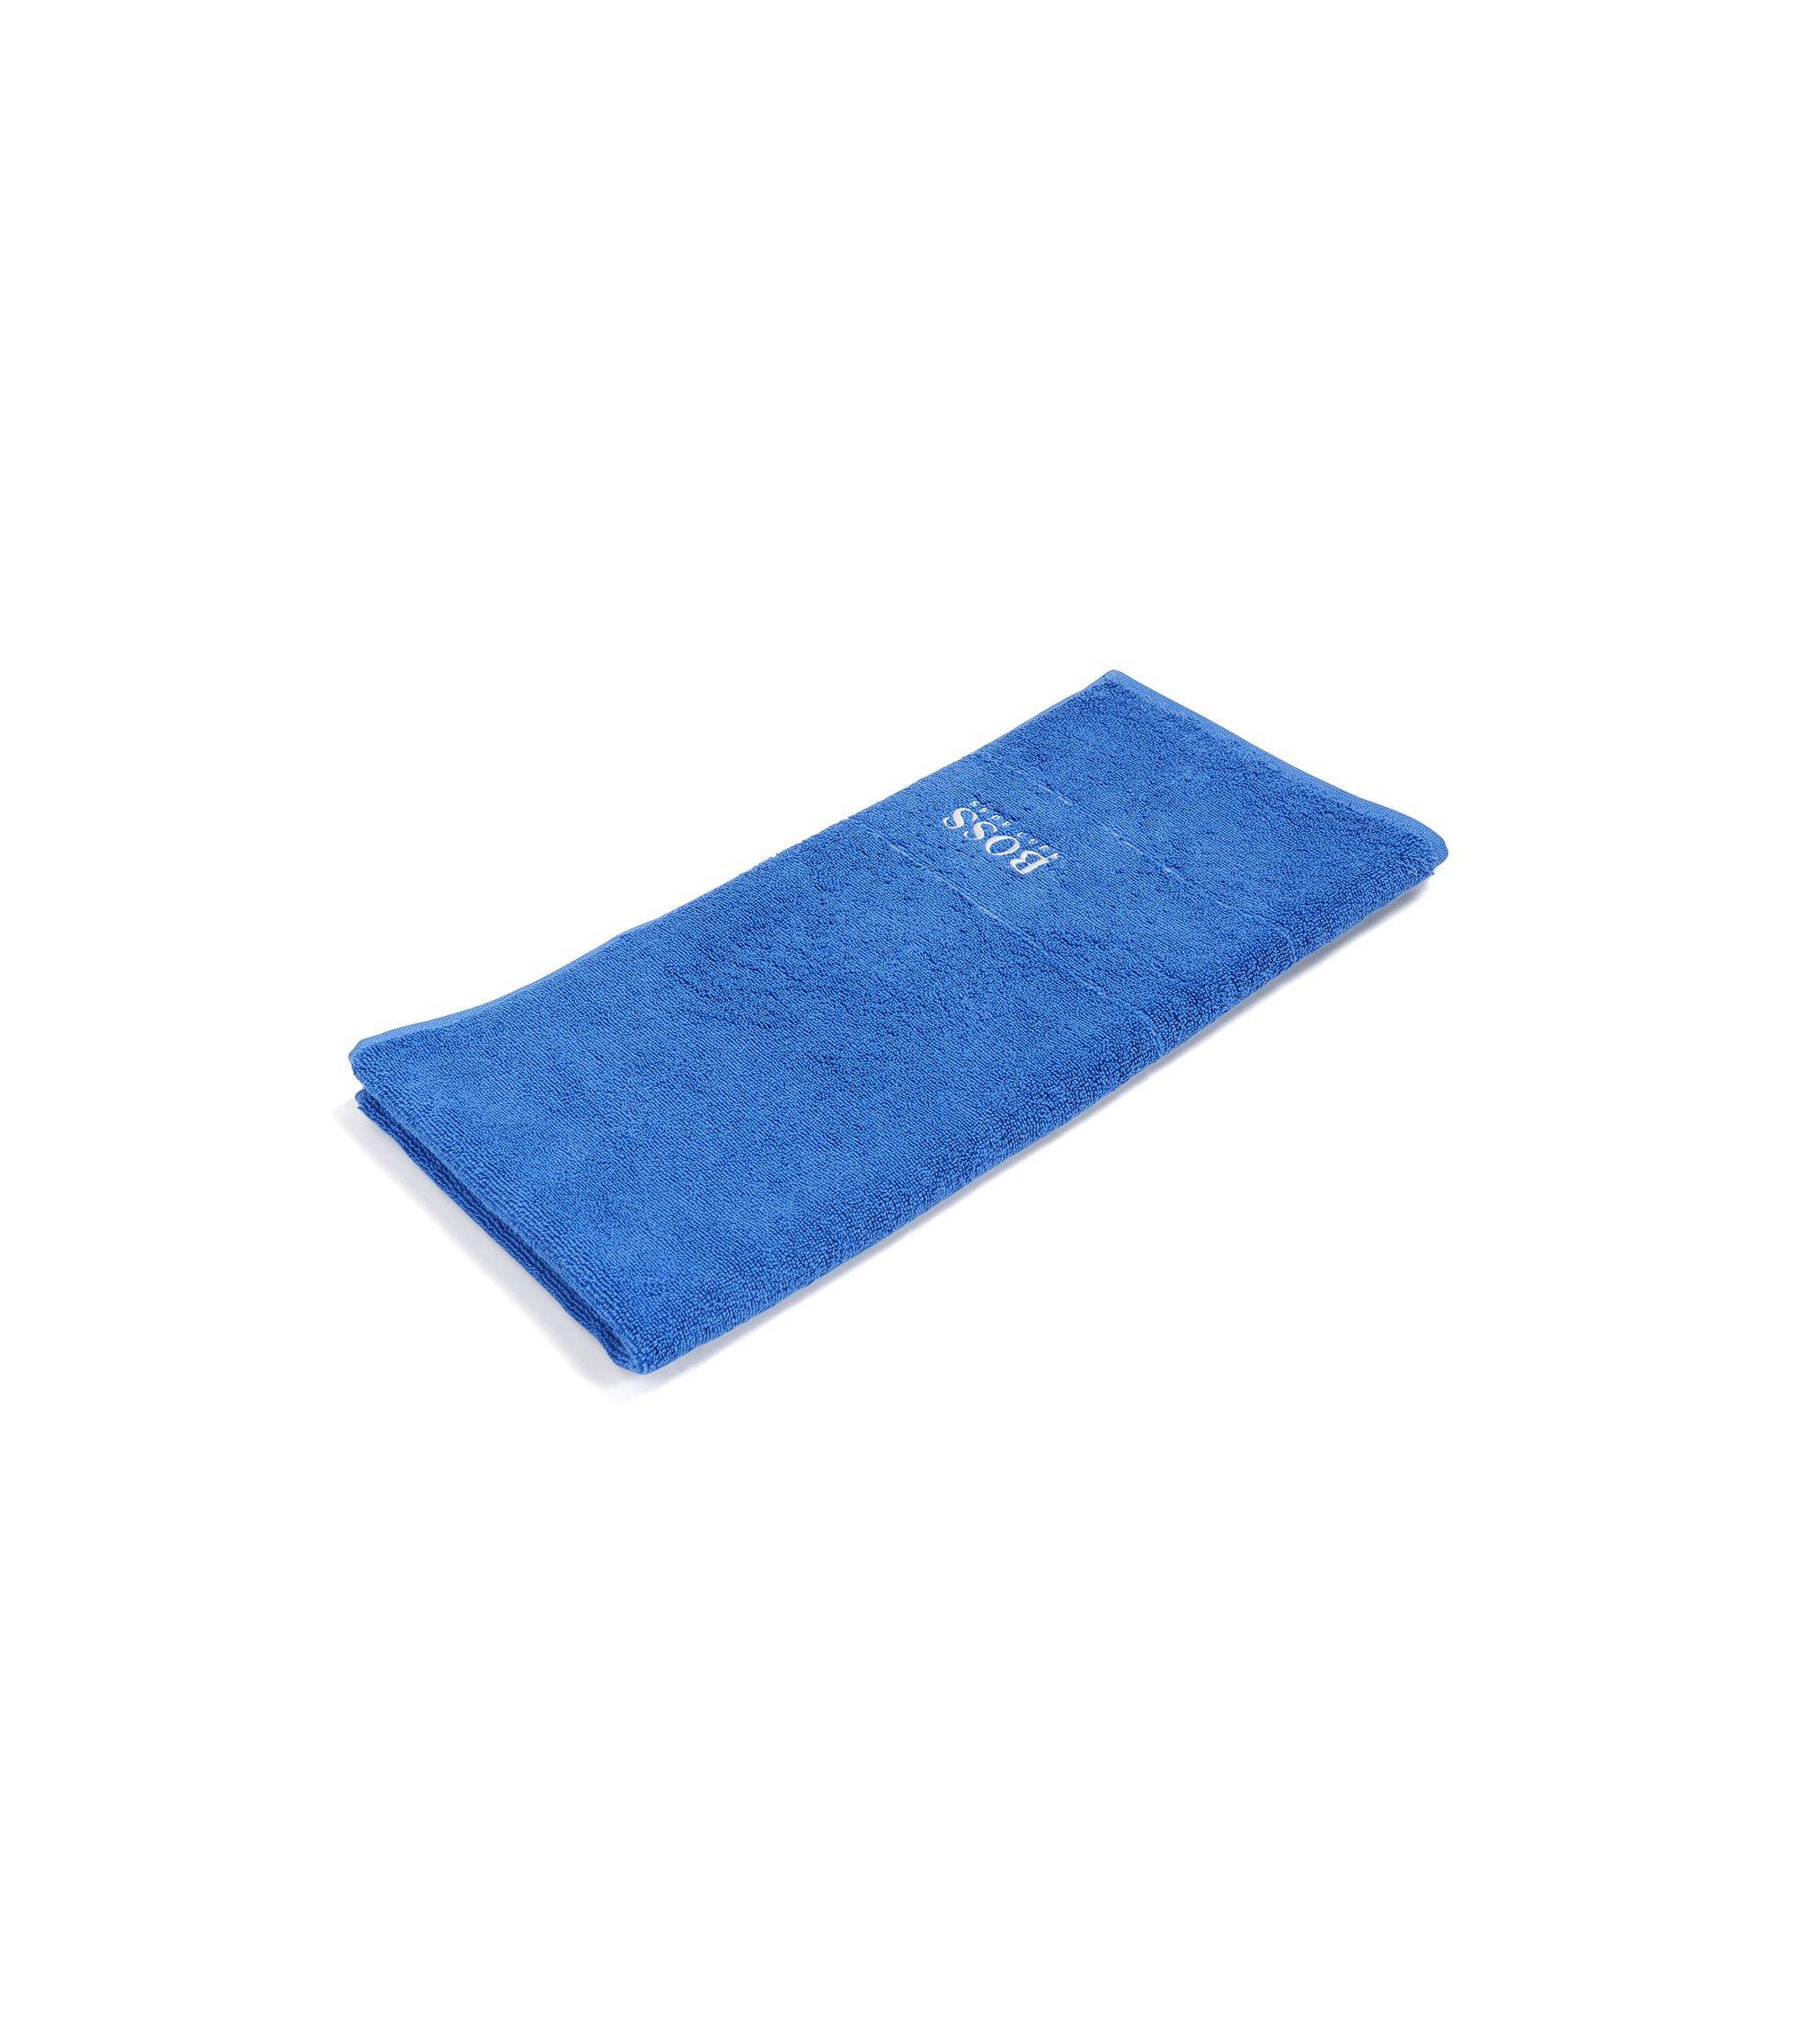 Toalla de mano en algodón egipcio de la máxima calidad con logo en el borde, Assorted-Pre-Pack